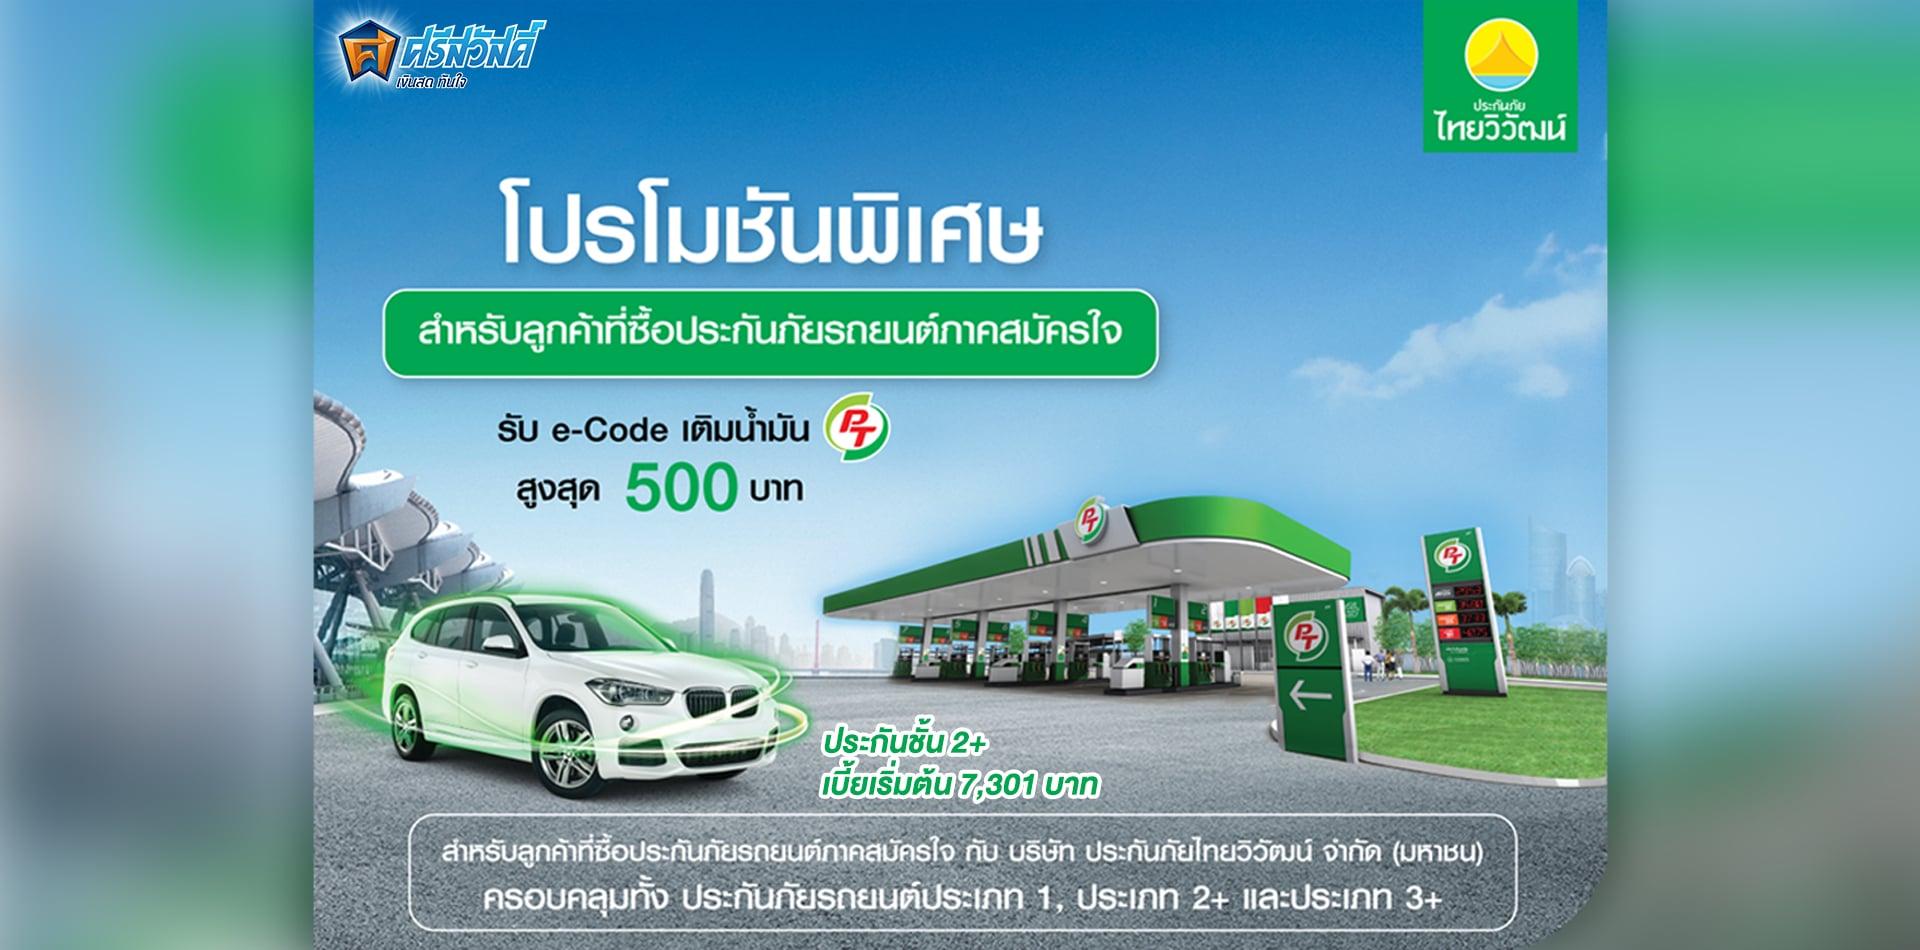 โปรโมชั่นเฉพาะลูกค้าศรีสวัสดิ์ ซื้อประกันรถยนต์ไทยวิวัฒน์ เติมน้ำมันฟรี